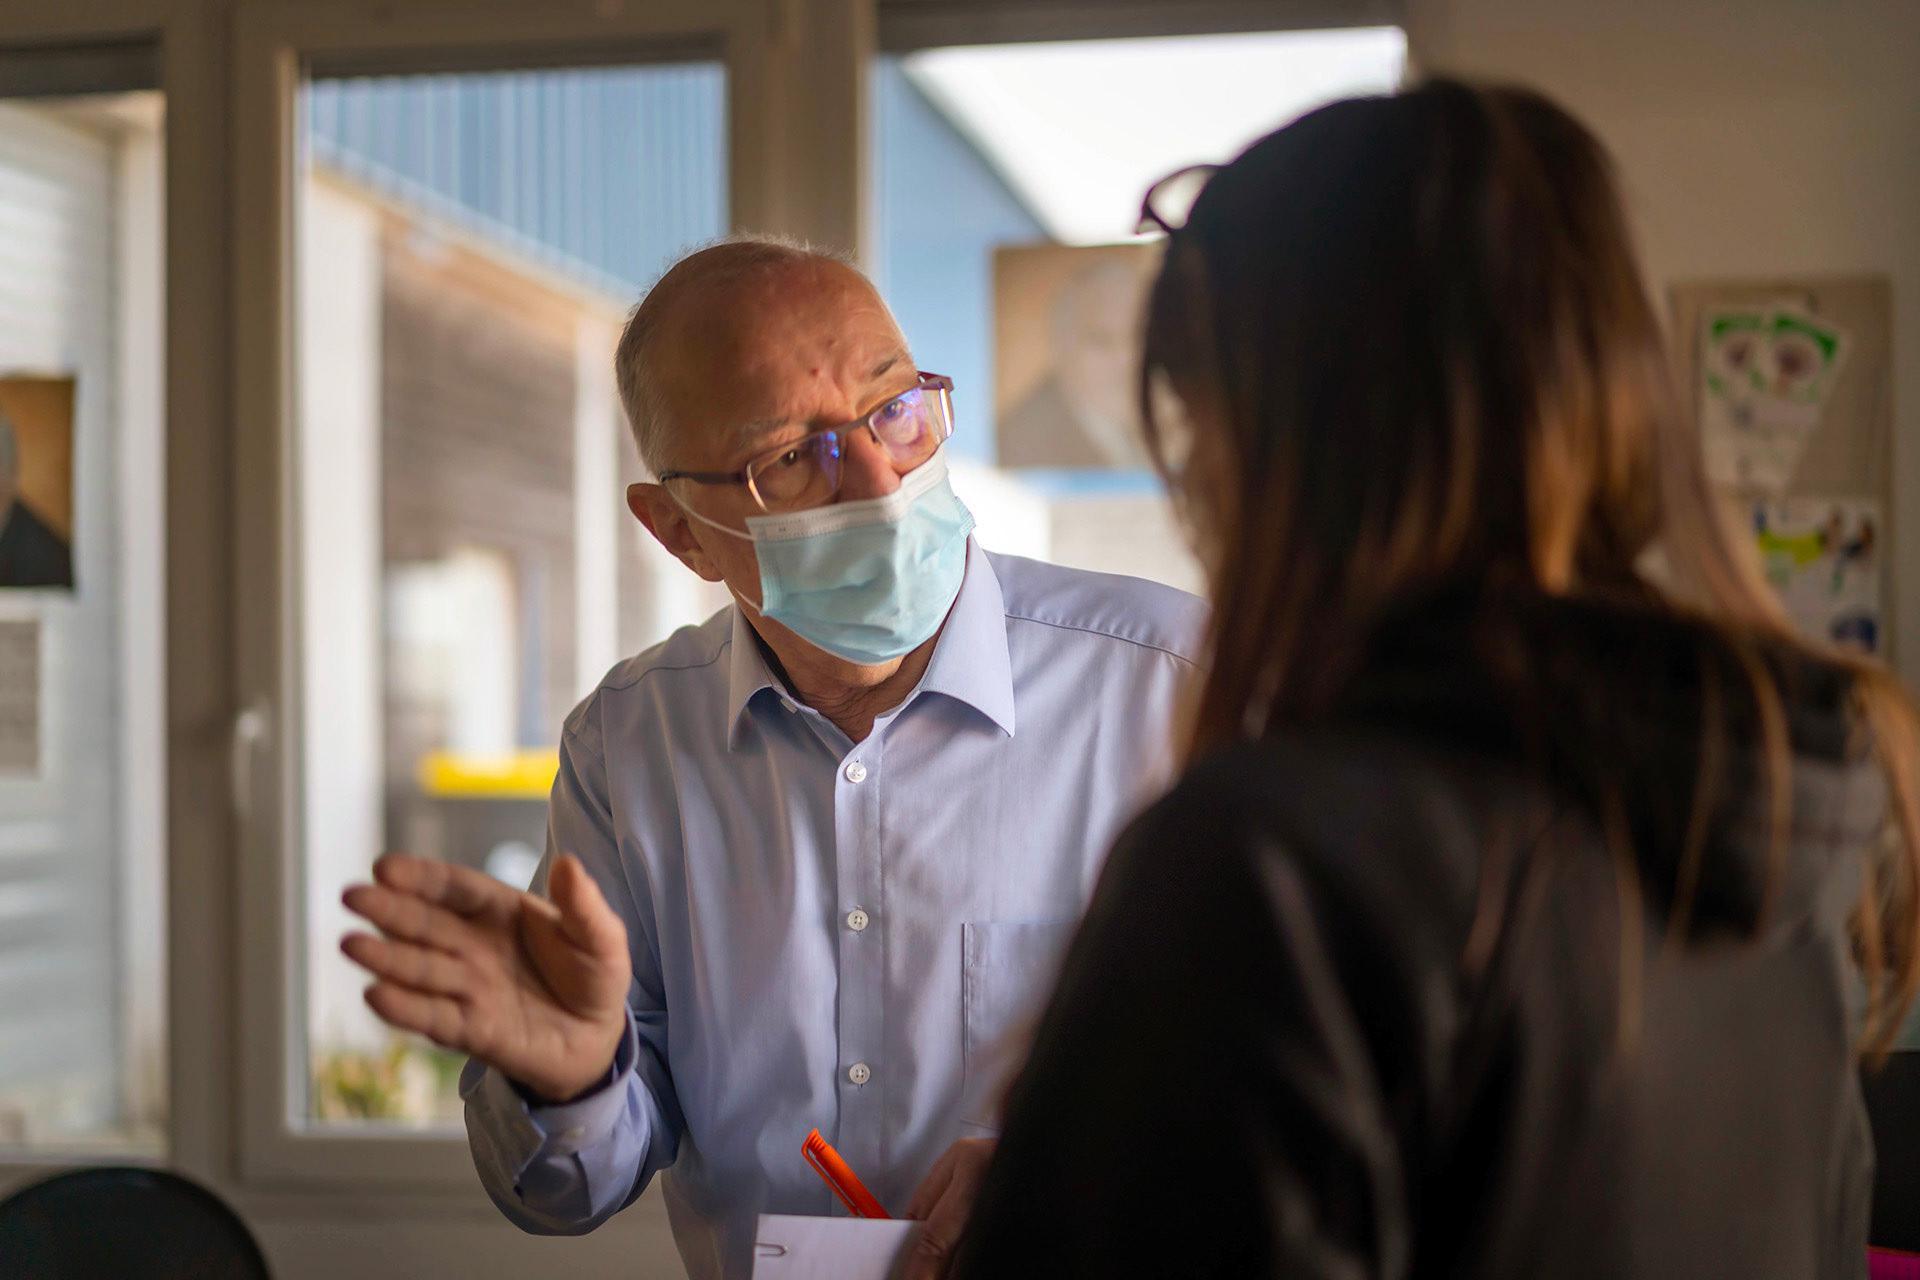 Médecin à la retraite, Michel conseille les personnes aidées sur la manière de se protéger contre le virus et sur la vaccination.